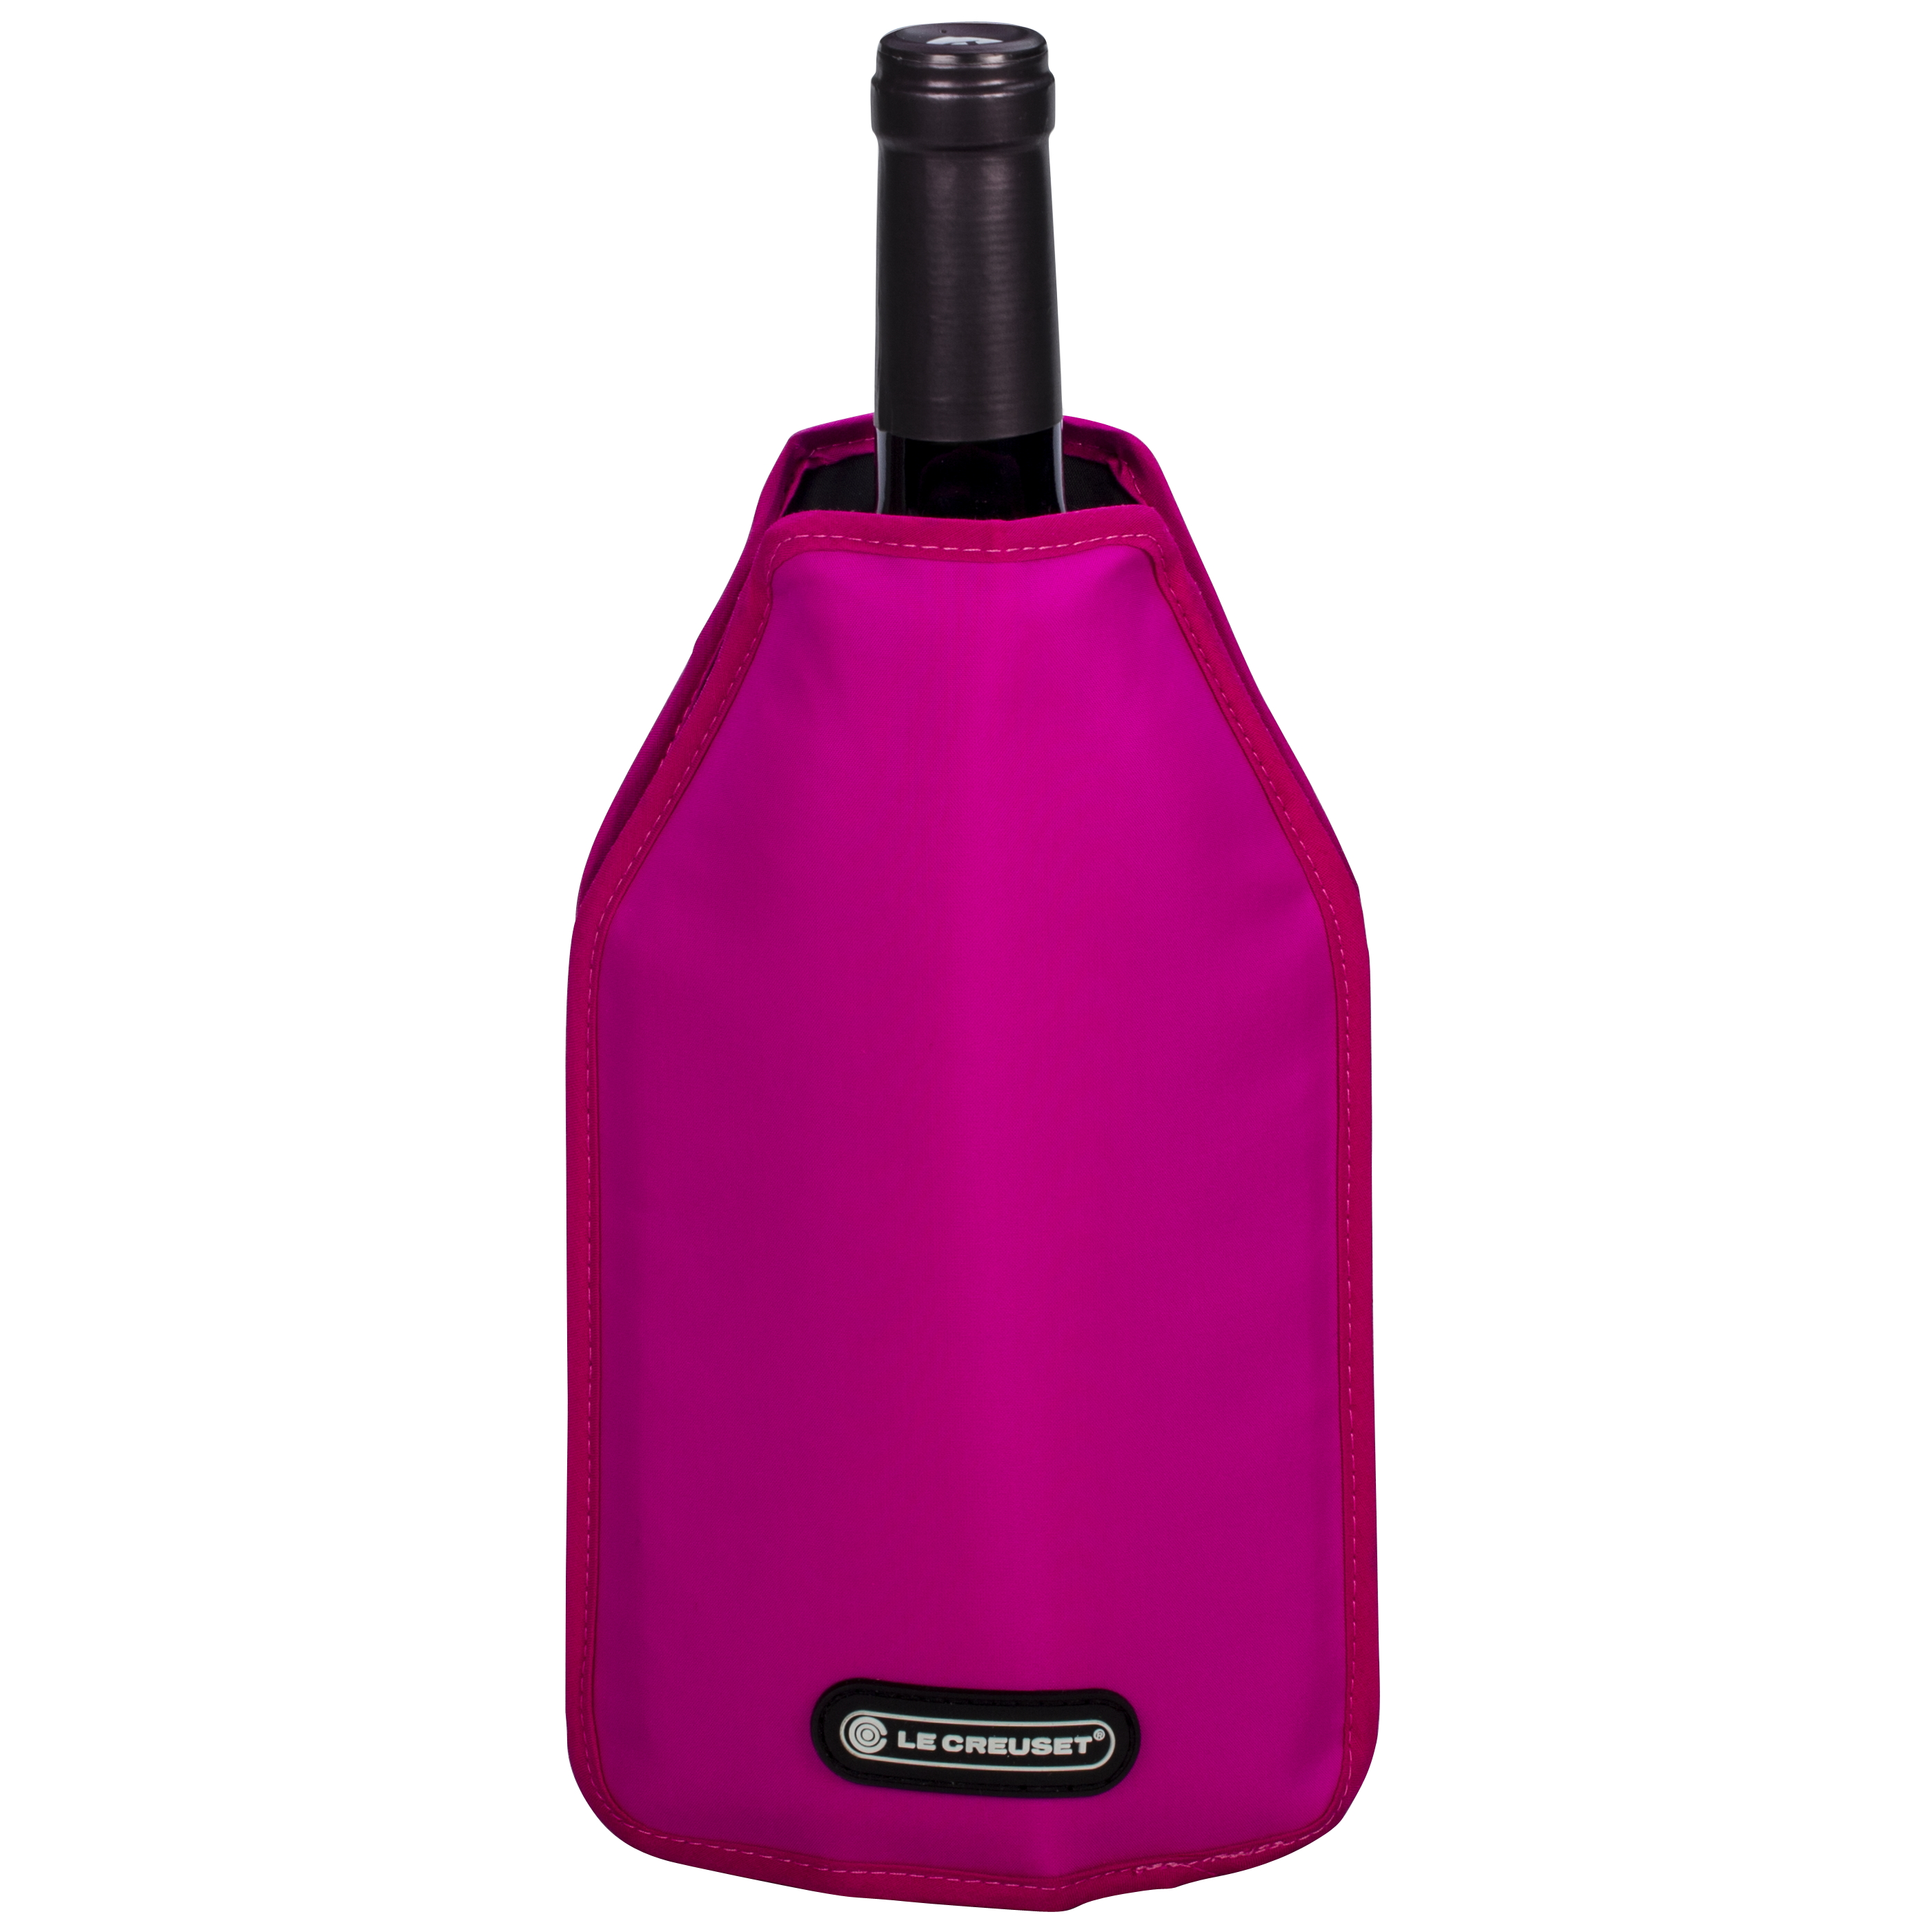 Le Creuset Shiny Pink Wine Bottle Cooler Sleeve